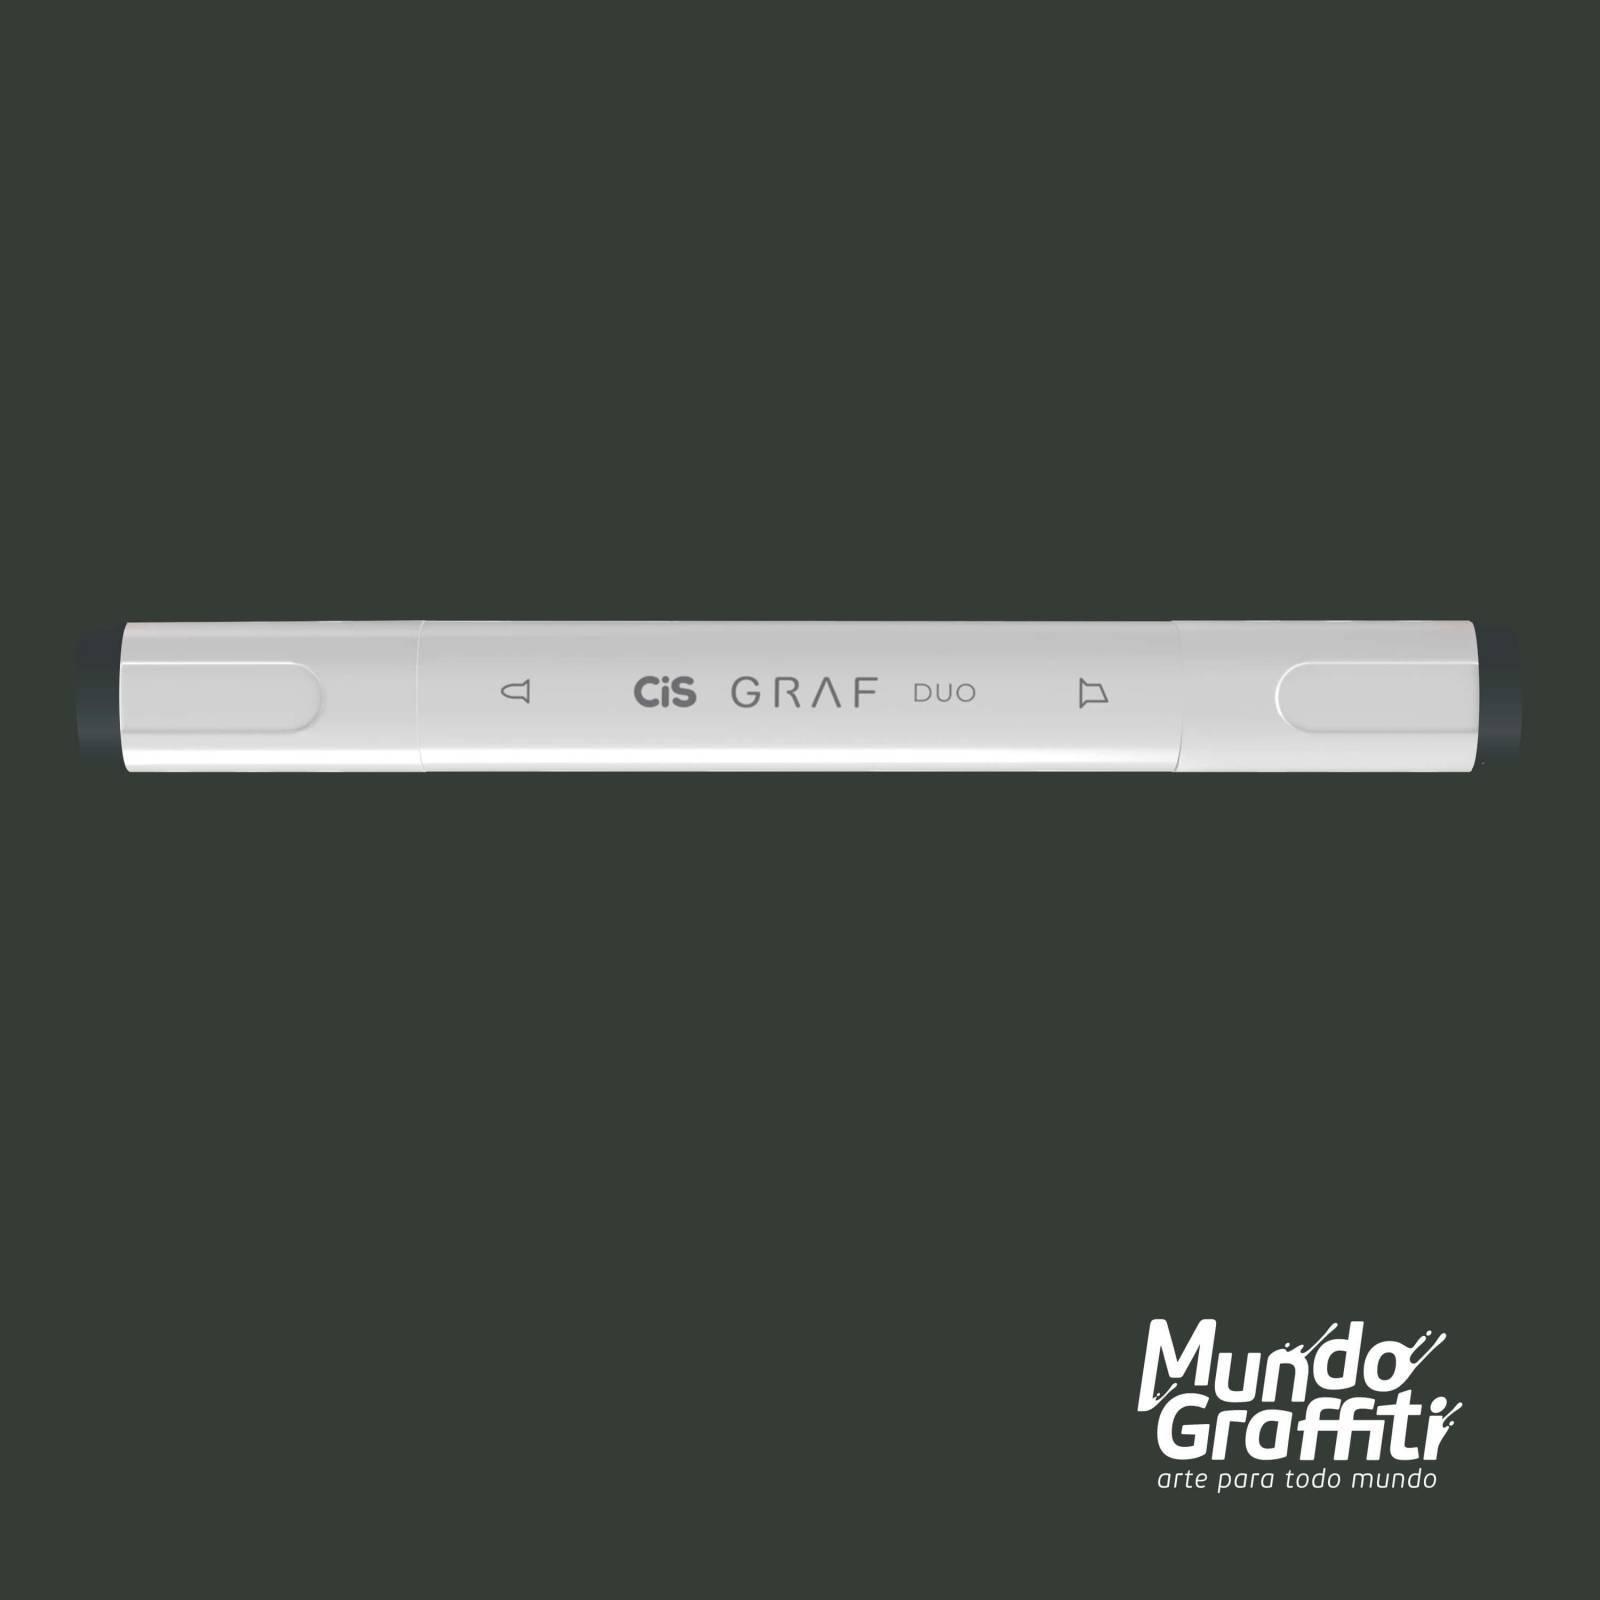 Marcador Cis Graf Duo Green Grey GG7 - Mundo Graffiti